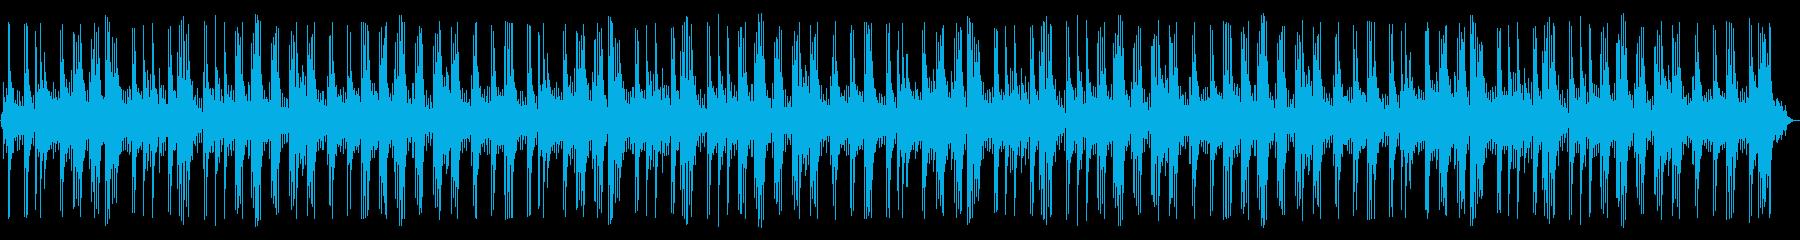 ピアノ、バイブ、スタンドアップベー...の再生済みの波形